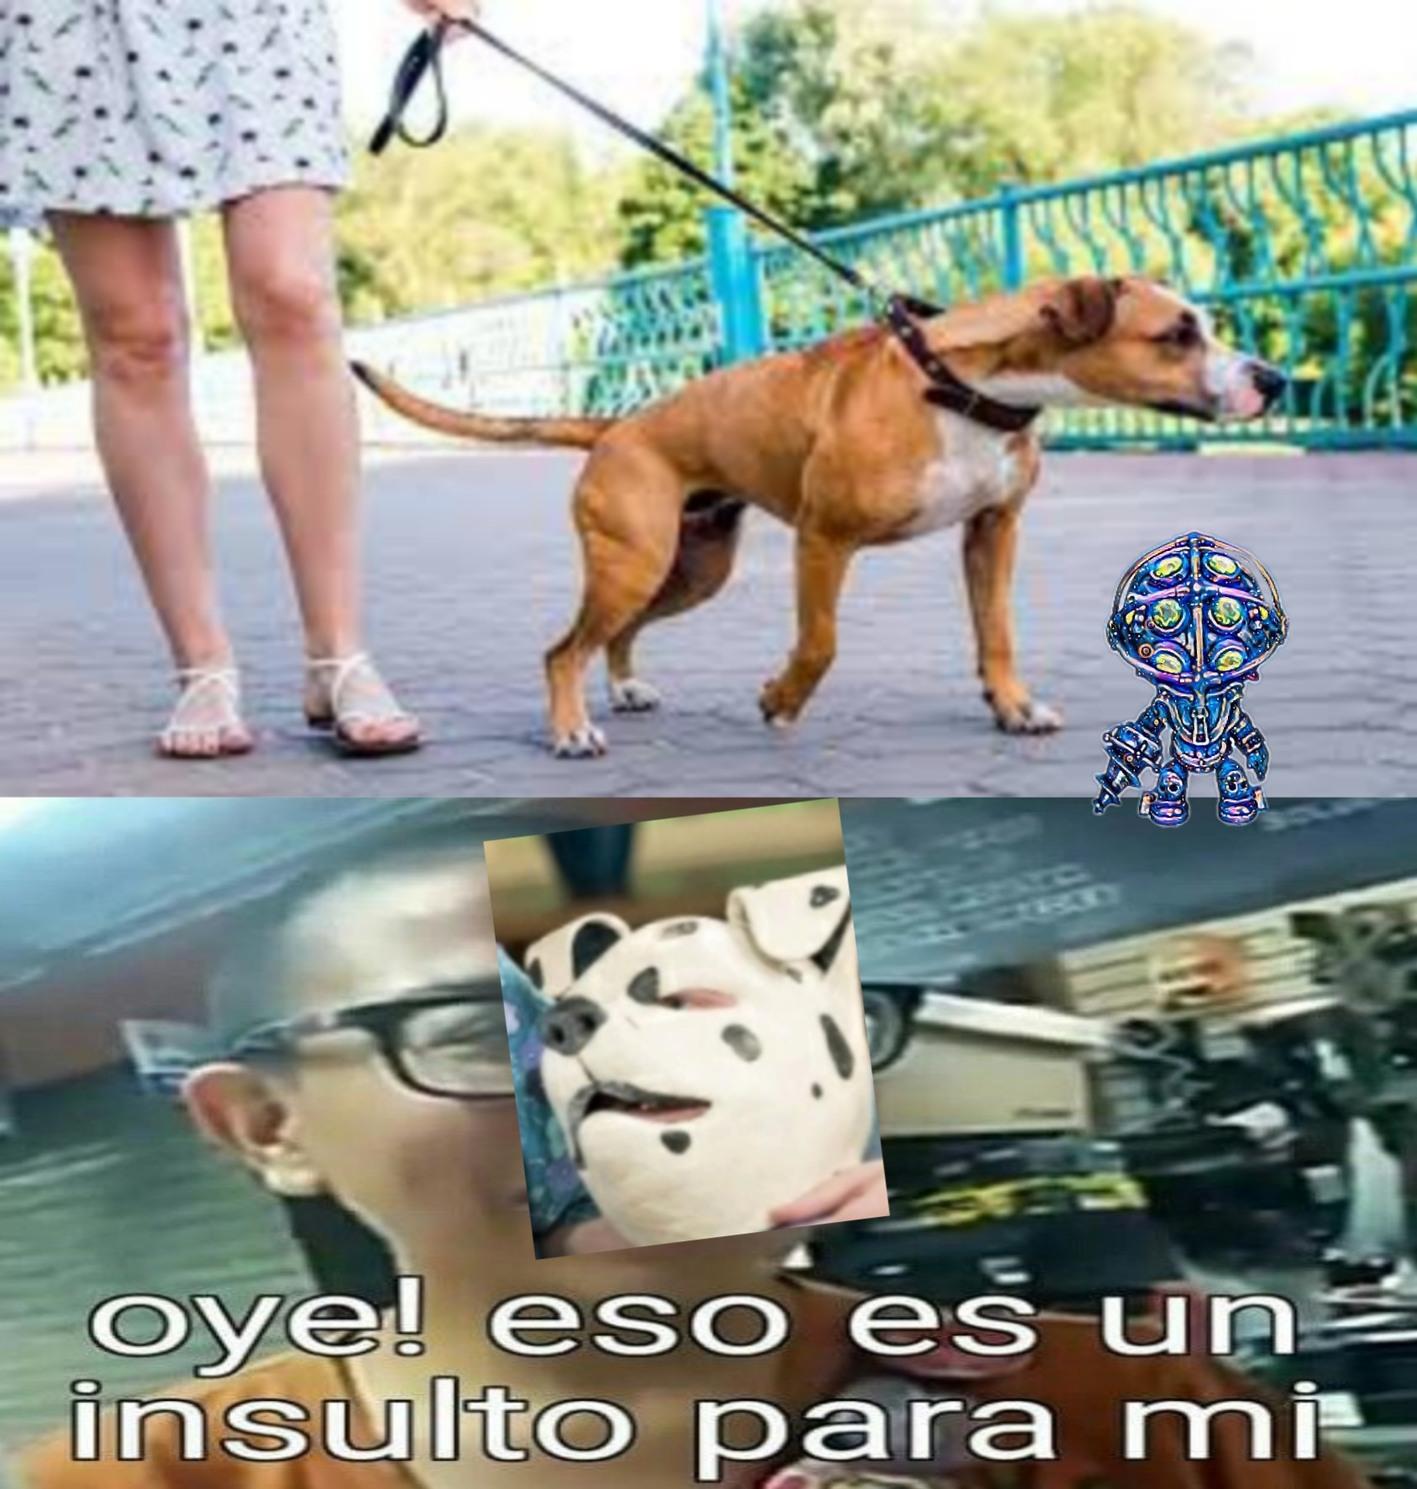 El hombre lobo regresa - meme